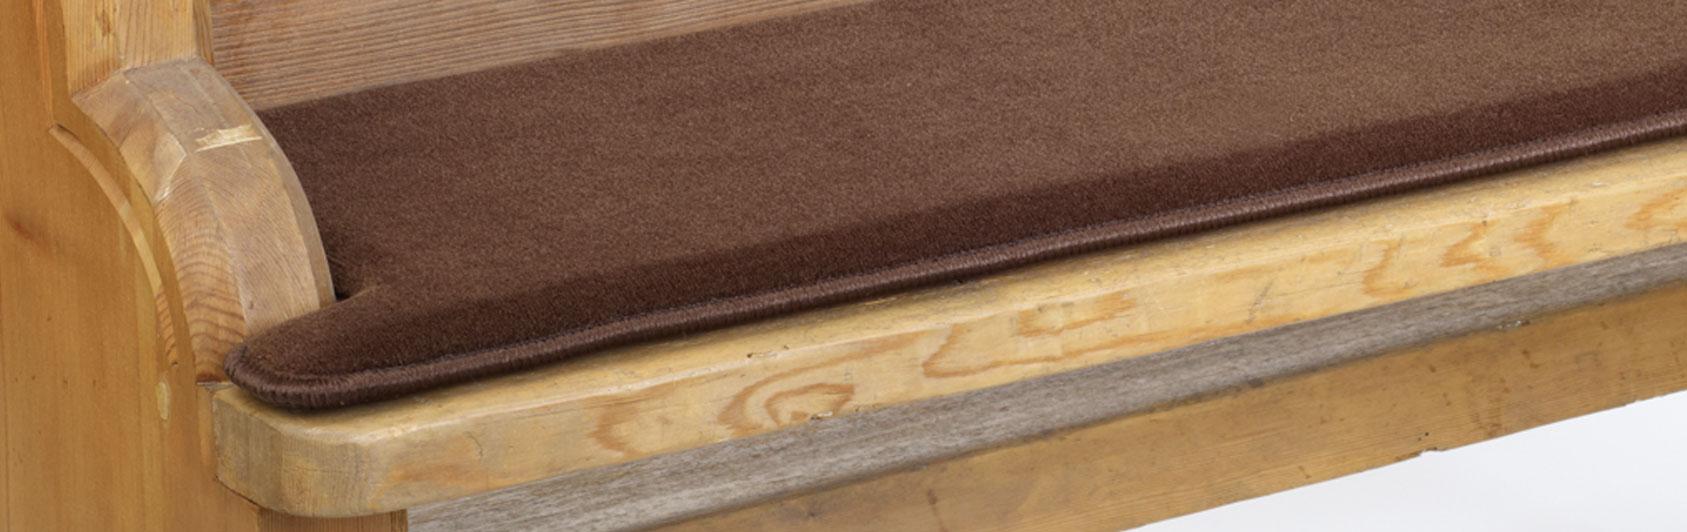 banque échantillon coussin Sitzplush code couleur 178 couleur brun foncé